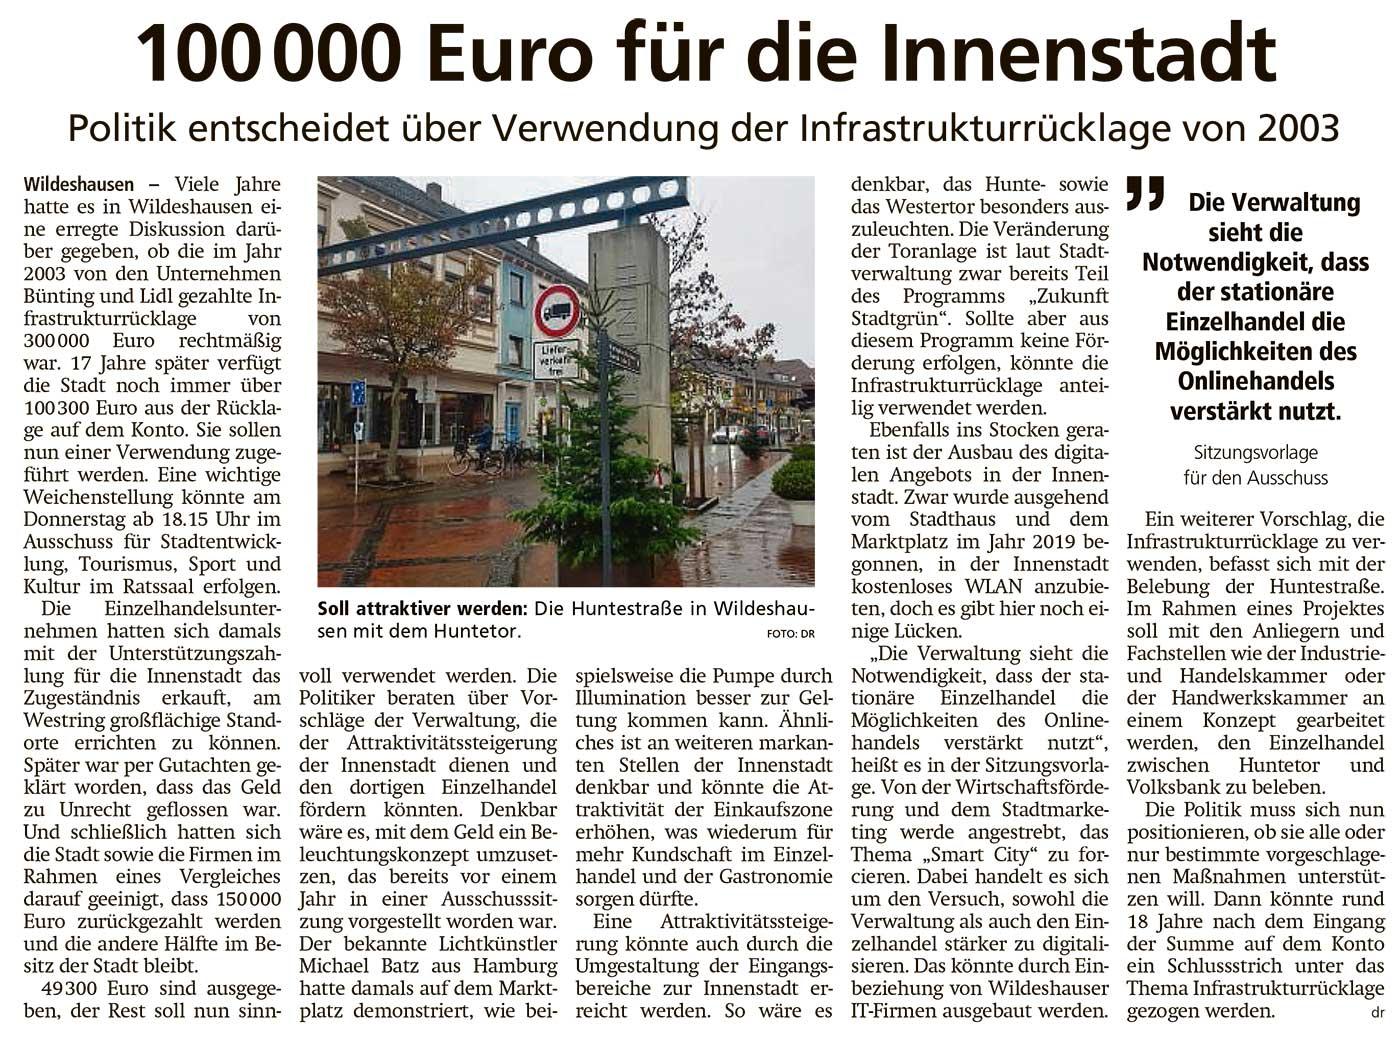 100 000 Euro für die InnenstadtPolitik entscheidet über Verwendung der Infrastrukturrücklage von 2003Artikel vom 18.11.2020 (WZ)